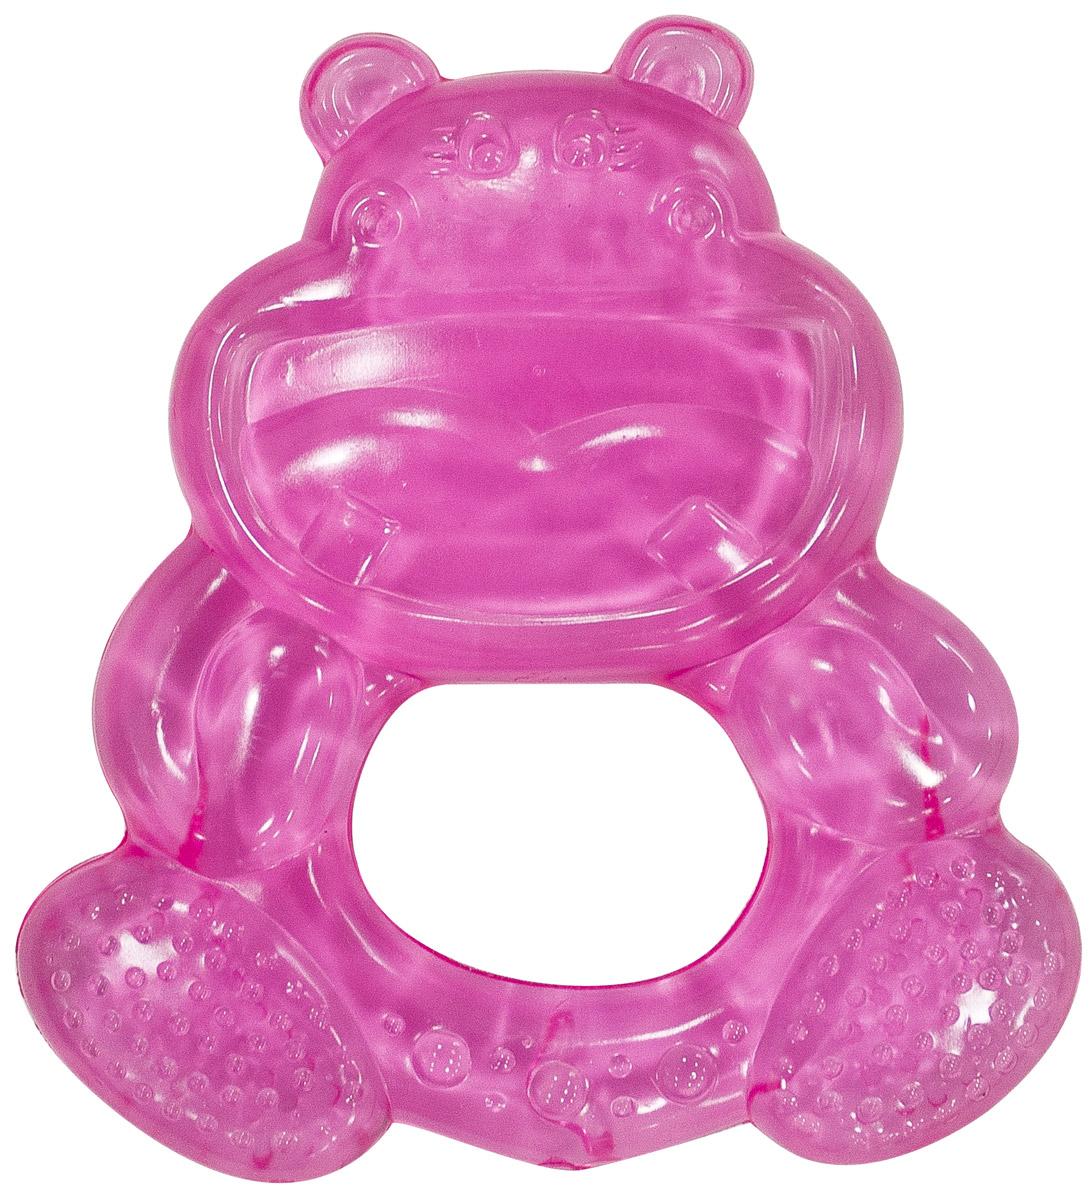 Canpol Babies Прорезыватель водный охлаждающий Бегемотик цвет фиолетовый